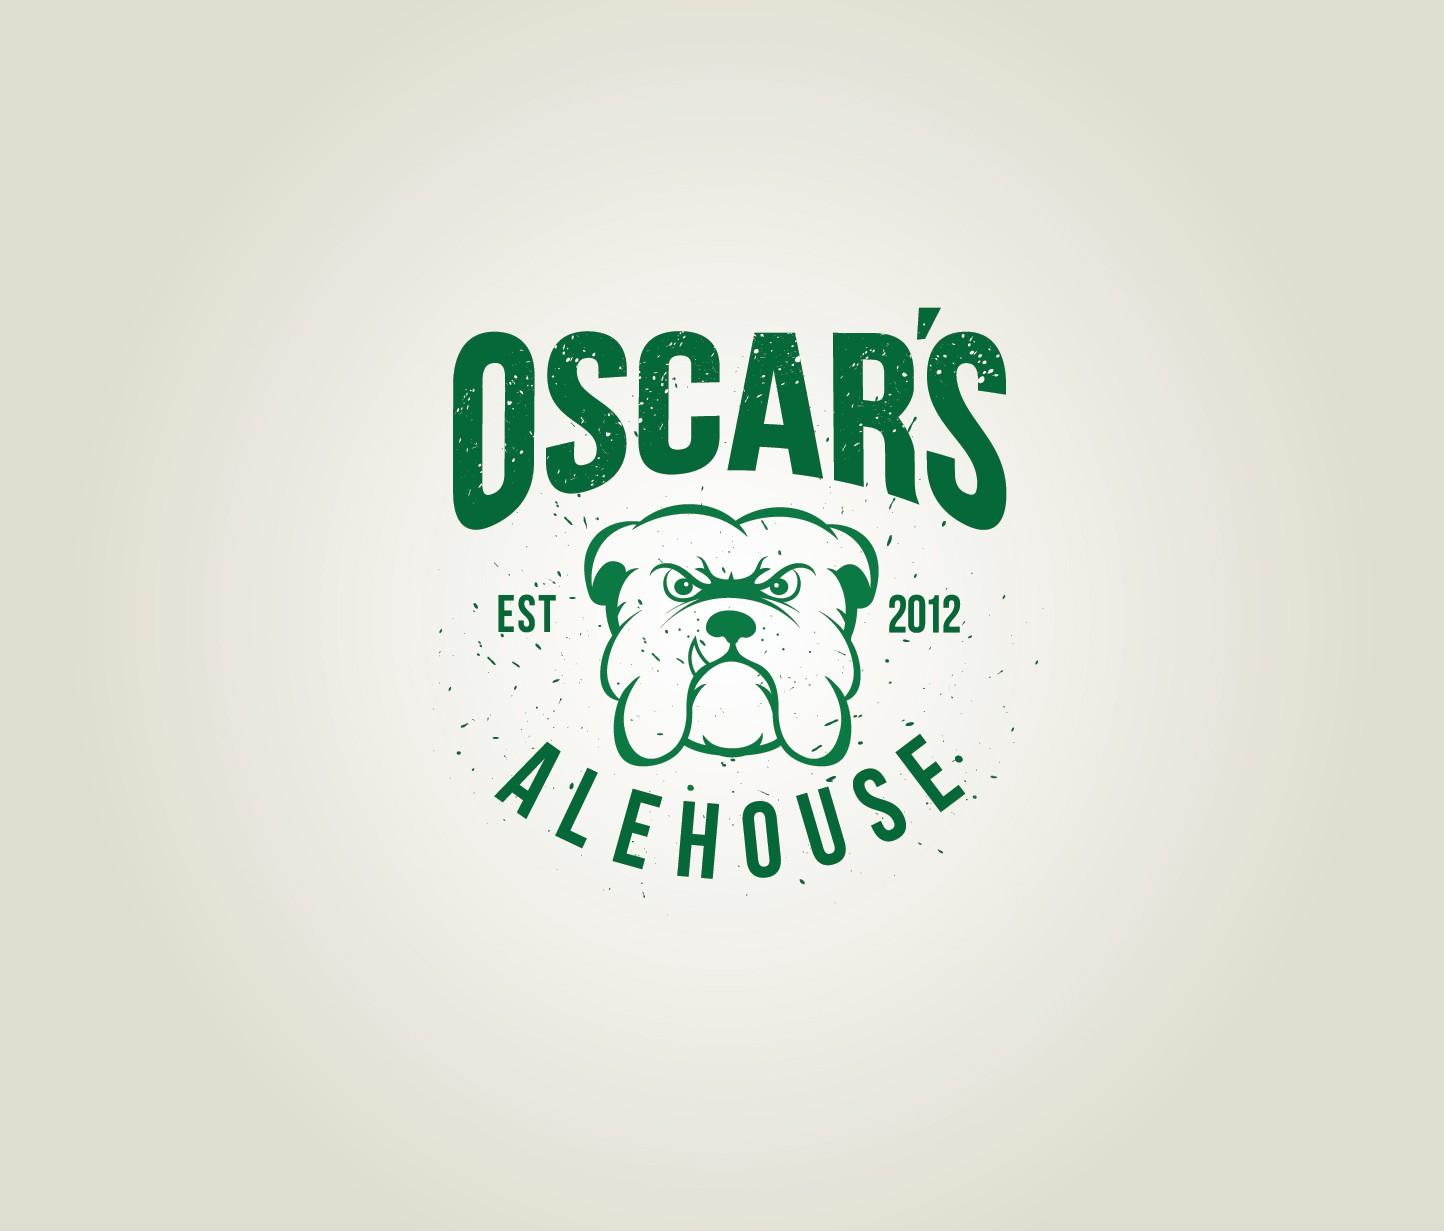 Help Oscar's Alehouse with a new logo